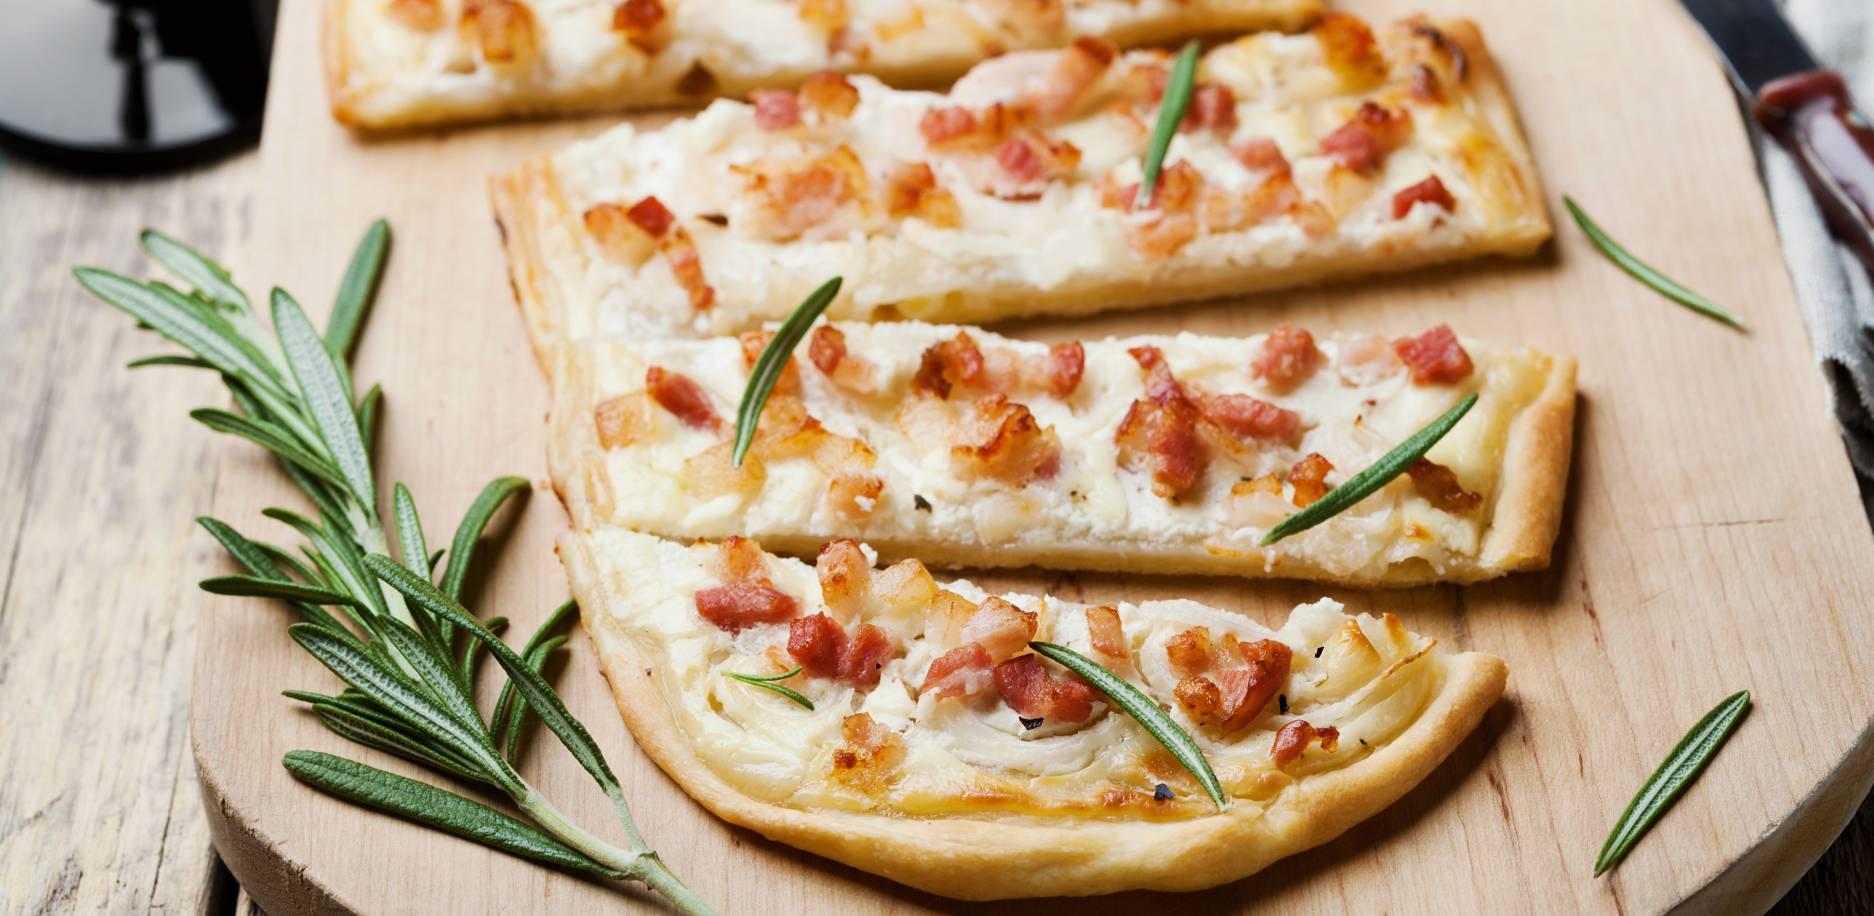 Pizza au fromage à raclette